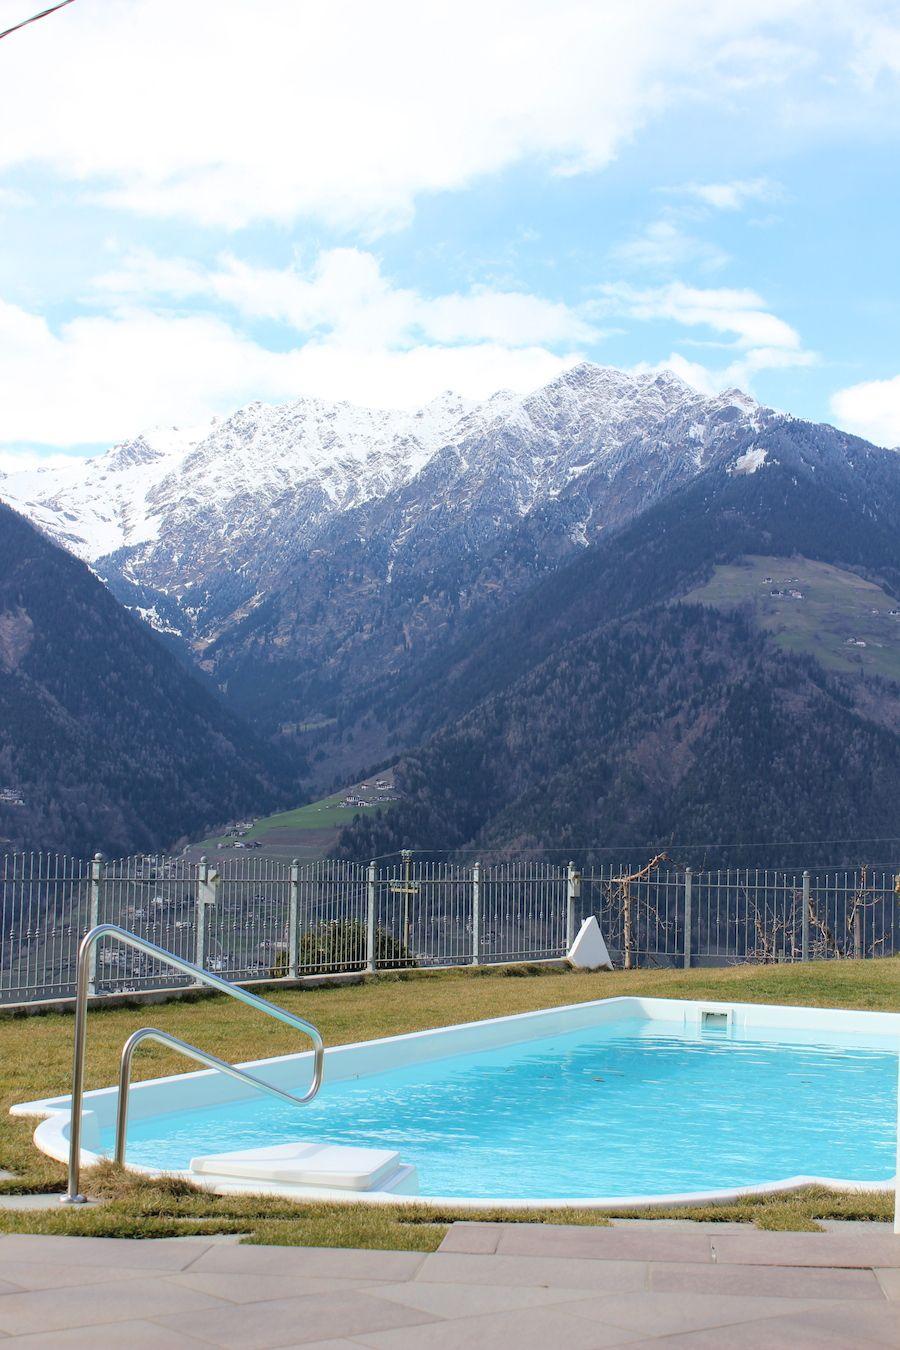 Schone Aussichten In Schenna Urlaub Schenna Sudtirol Sudtirol